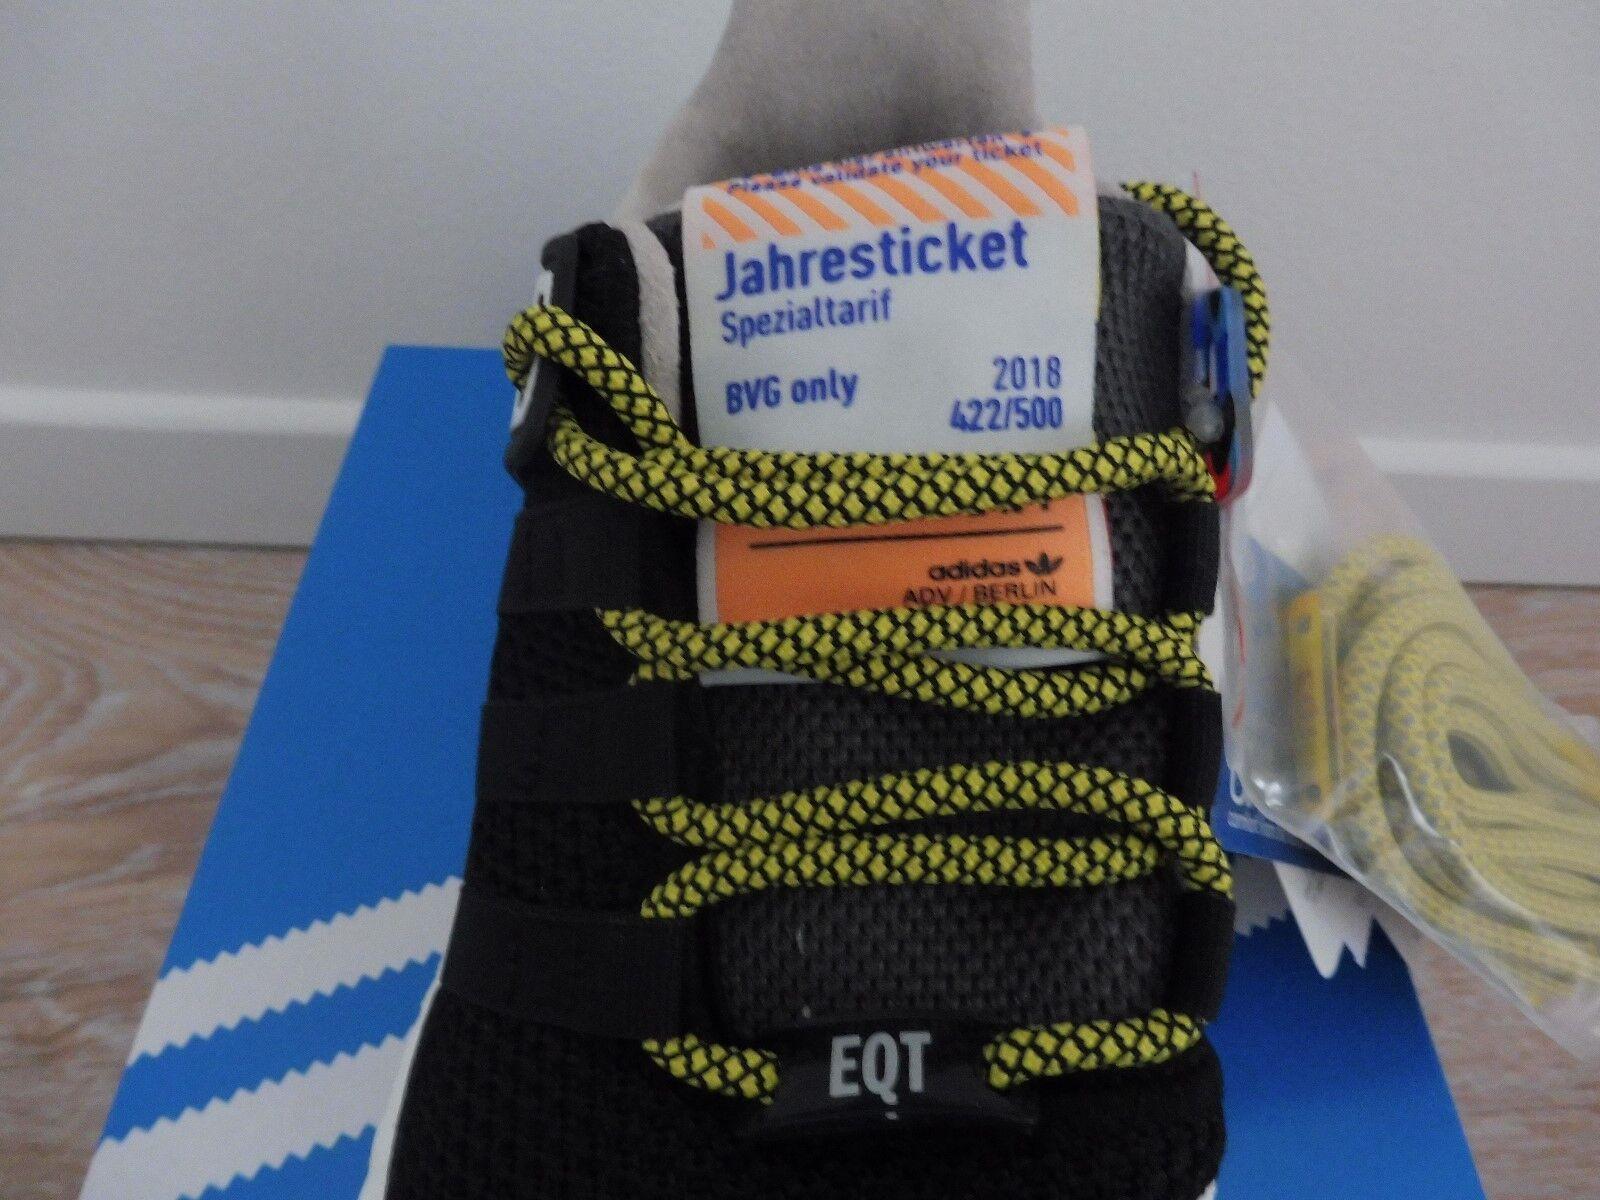 Adidas EQT Support 93 Berlin / / Berlin BVG Limited Edition 422/500 NEU/OVP EU42 b940d9